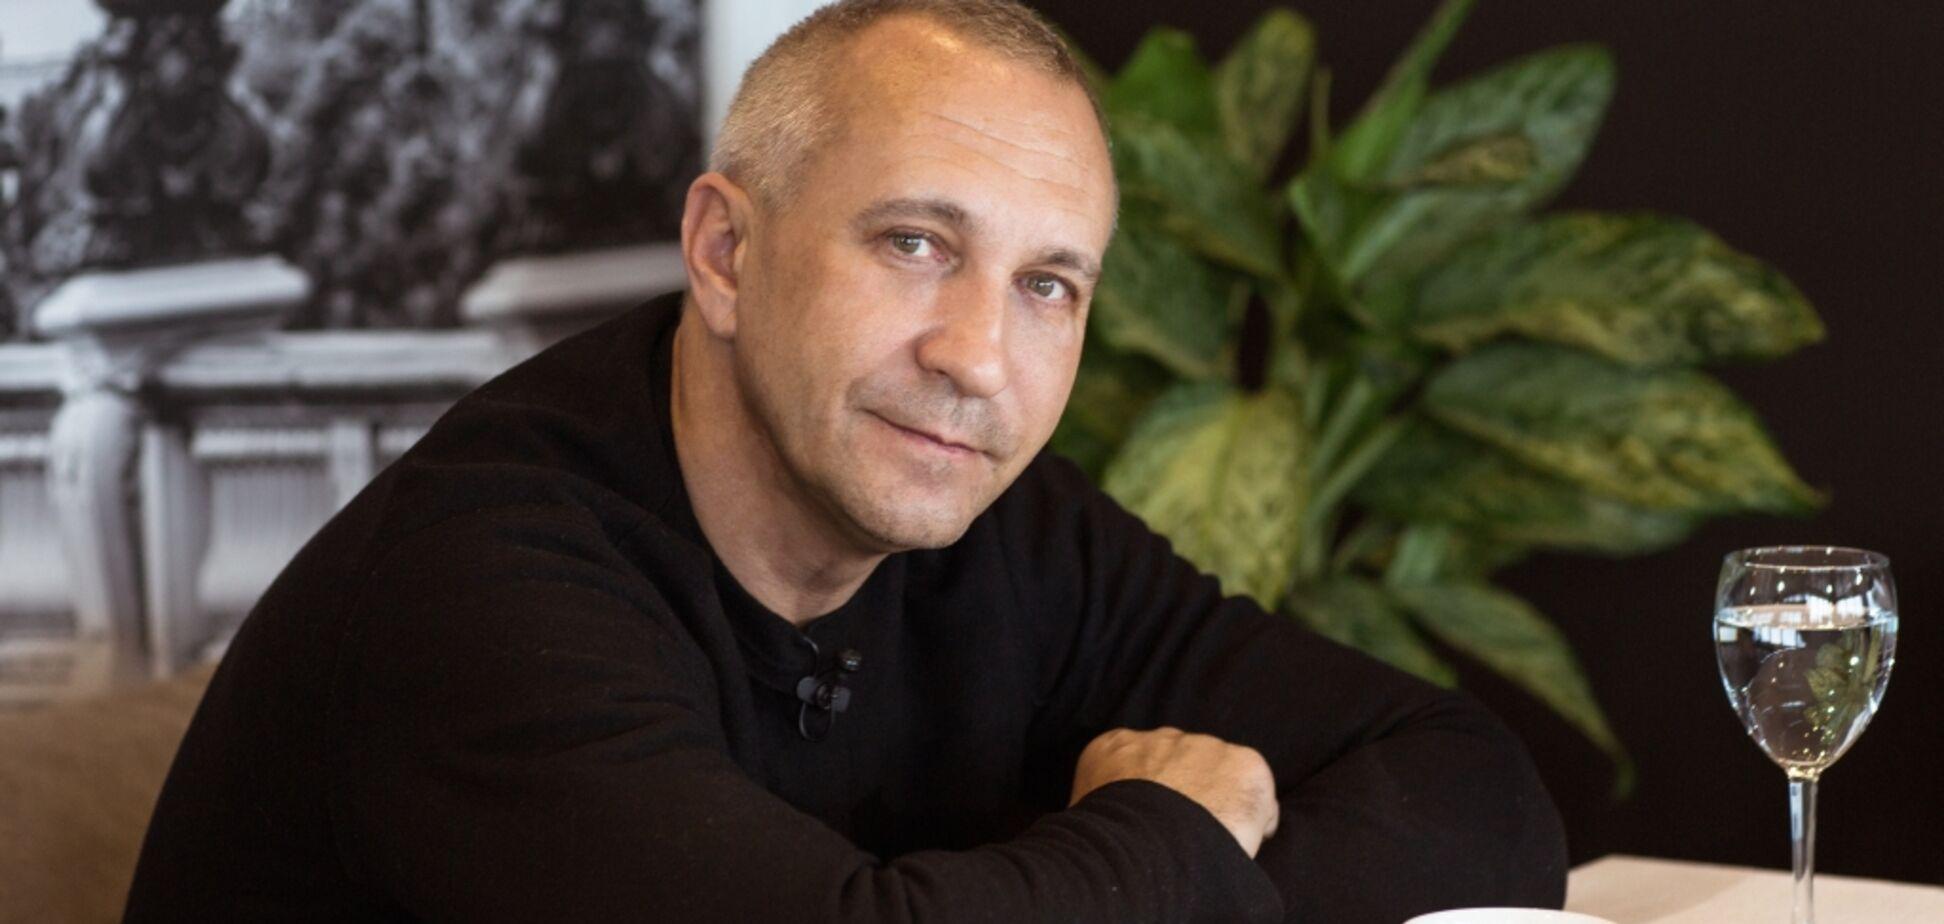 Політтехнологу, що працював на окупантів, заборонили в'їзд до України